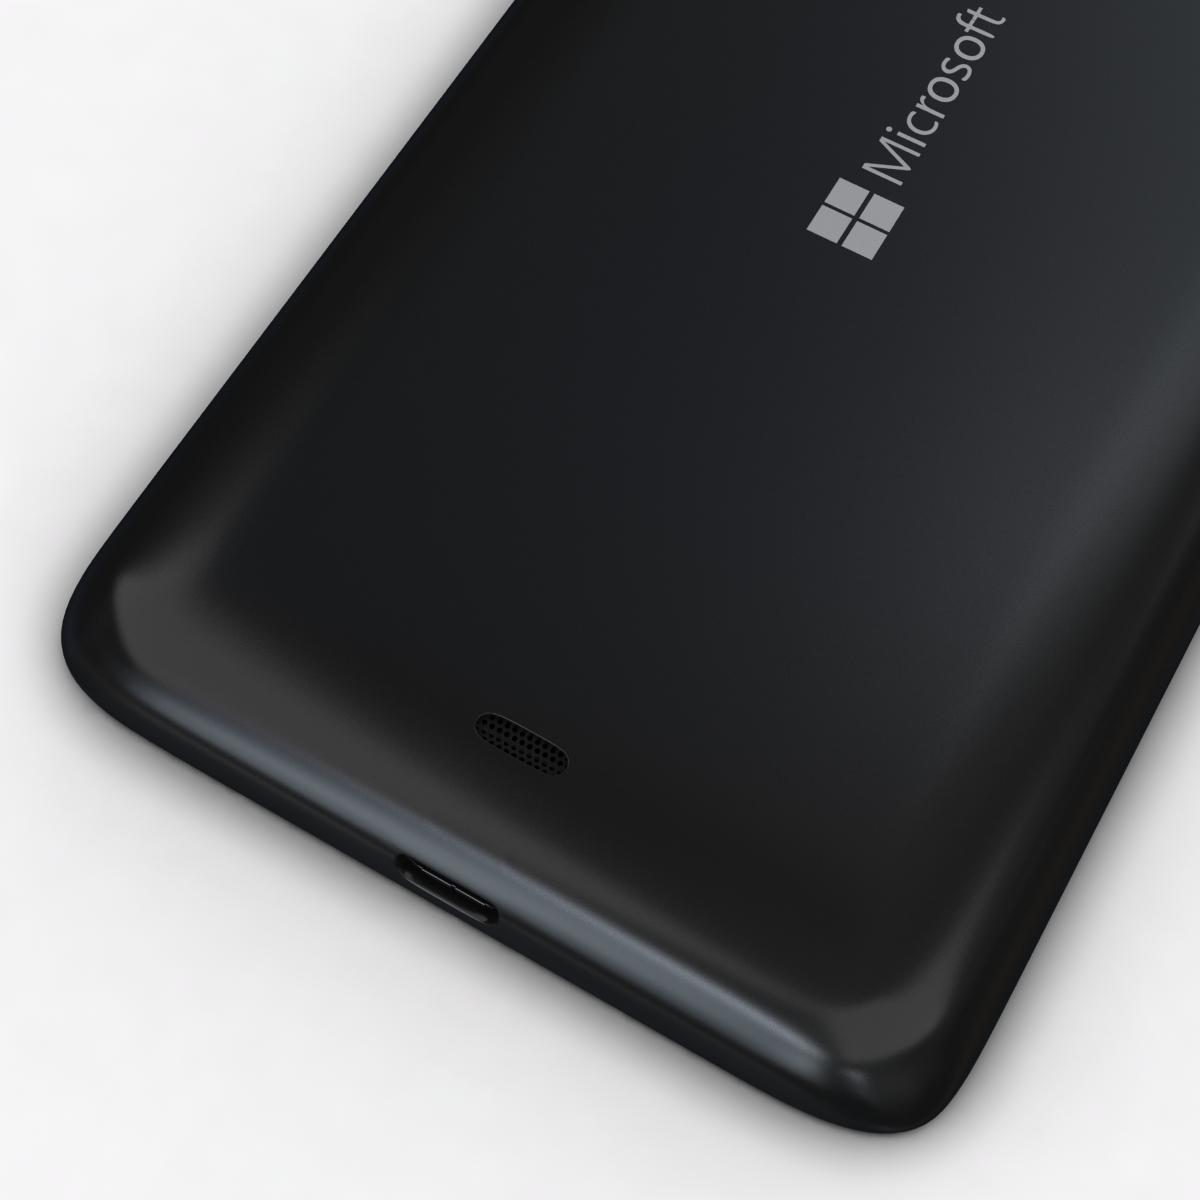 microsoft lumia 535 and dual sim all colors 3d model 3ds max fbx c4d obj 204706